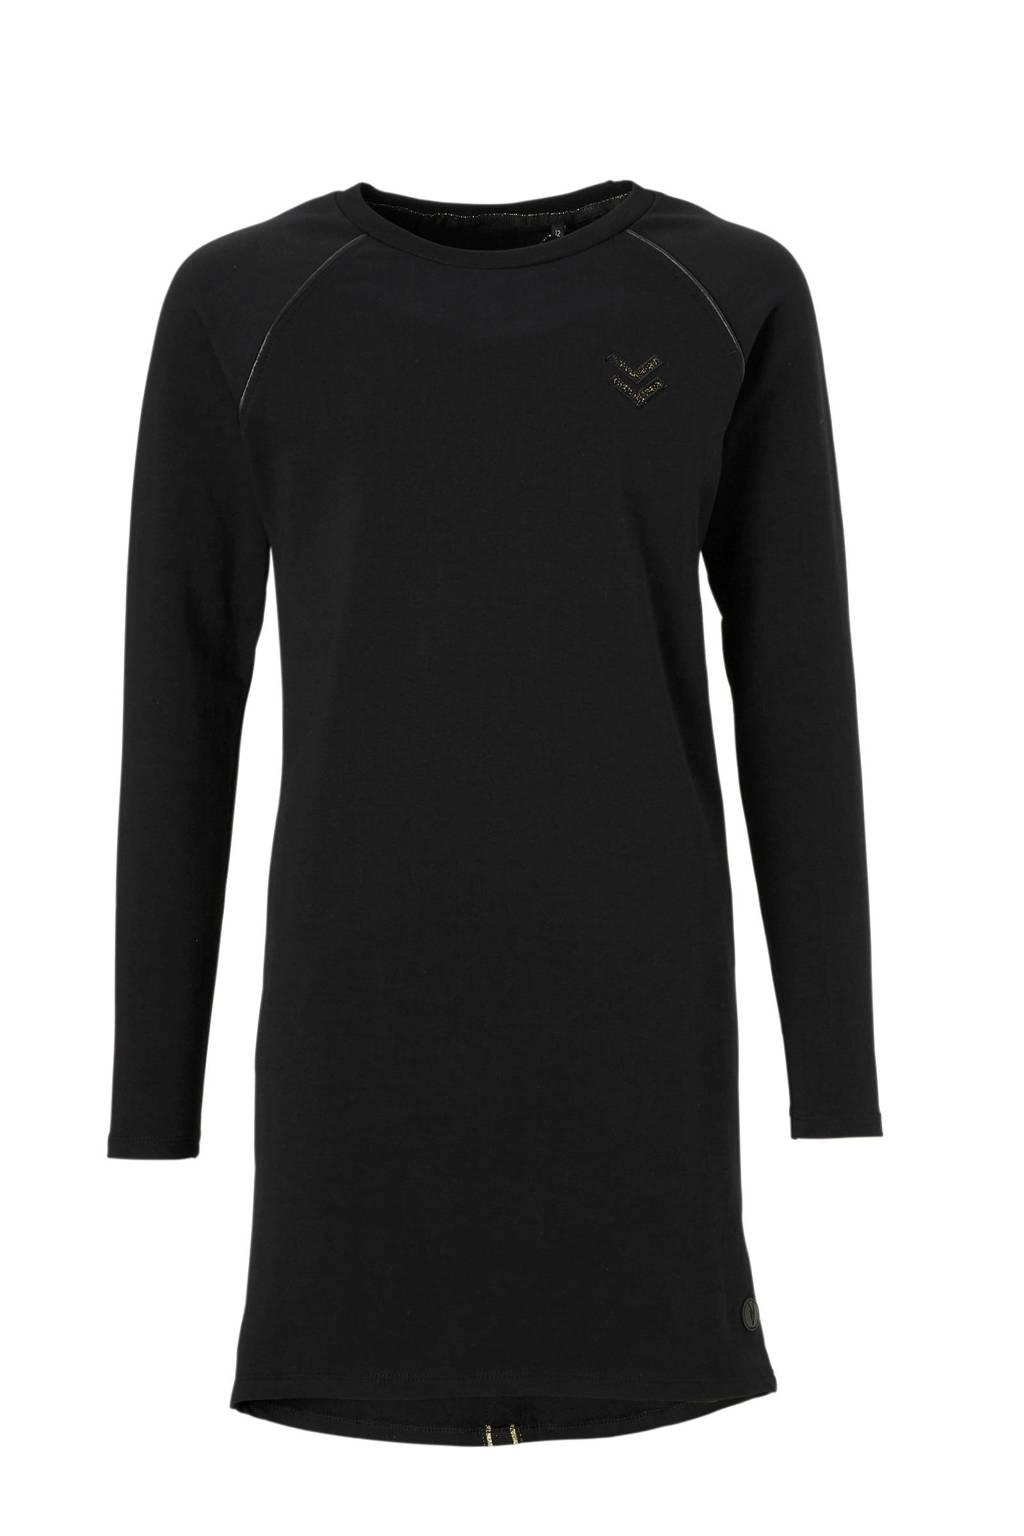 LEVV jurk Amelie zwart, Zwart